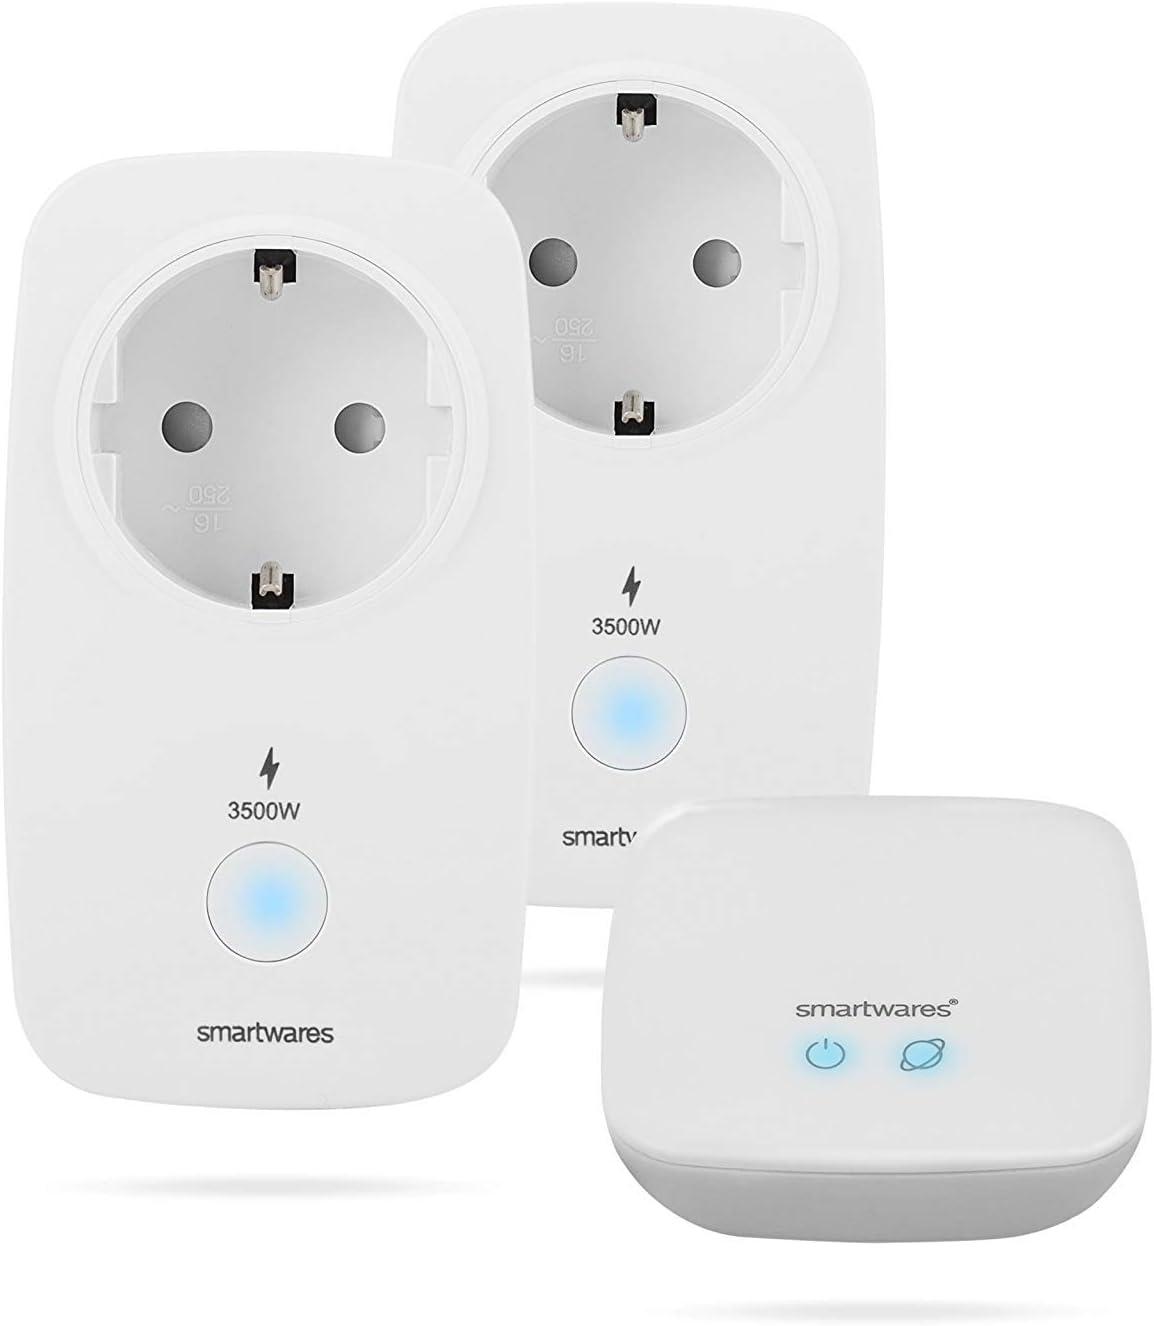 Smartwares SH8-99901 Pro Series - Kit de Control de Consumo energético, Enchufe Inteligente, Blanco, Set de 3 Piezas